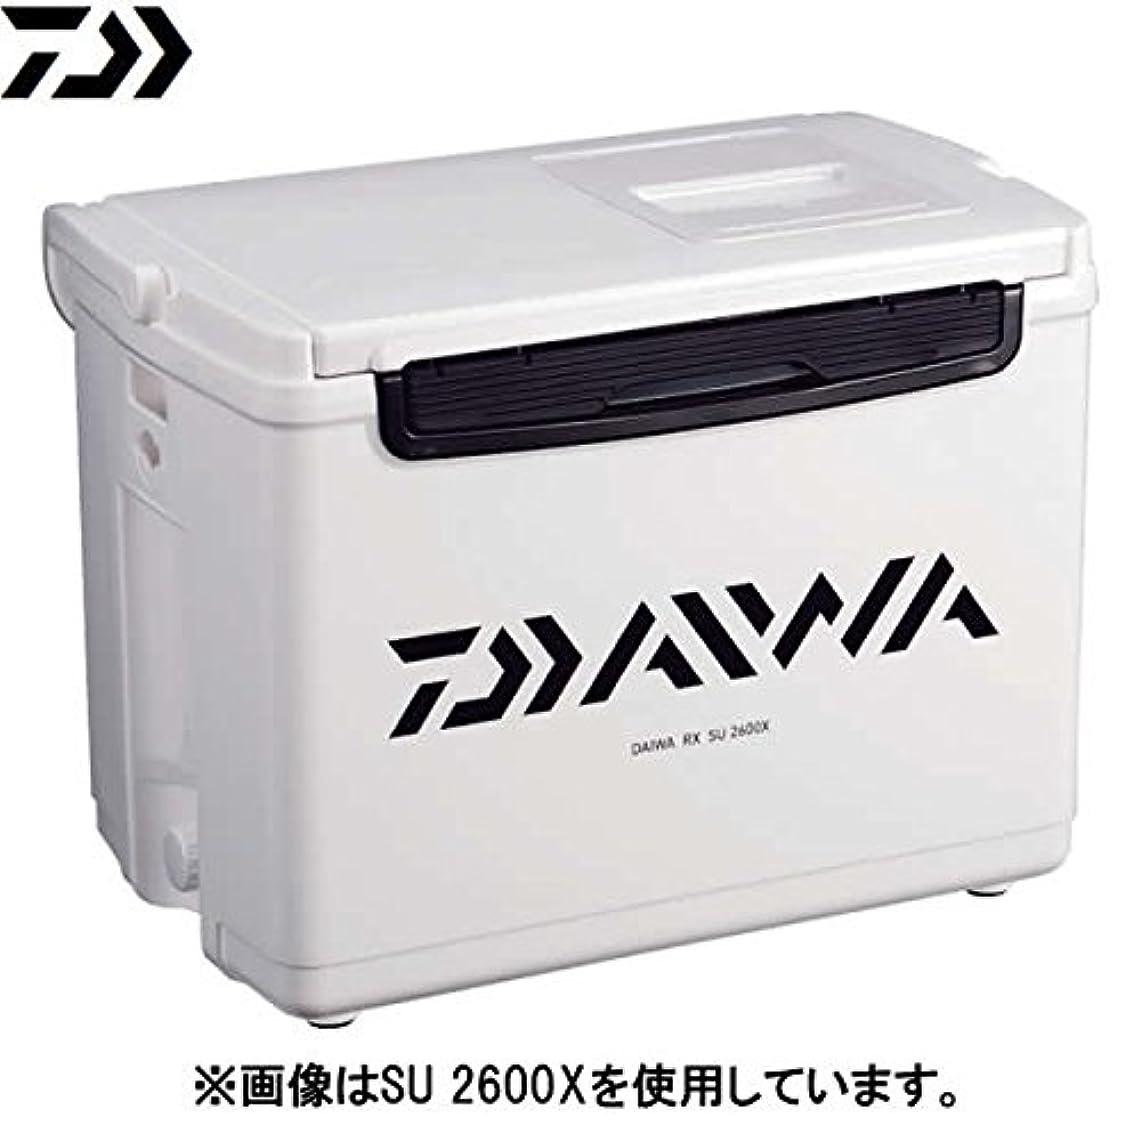 うがいティームオーバーランダイワ(Daiwa) クーラーボックス 釣り RX SU 1200X ホワイト